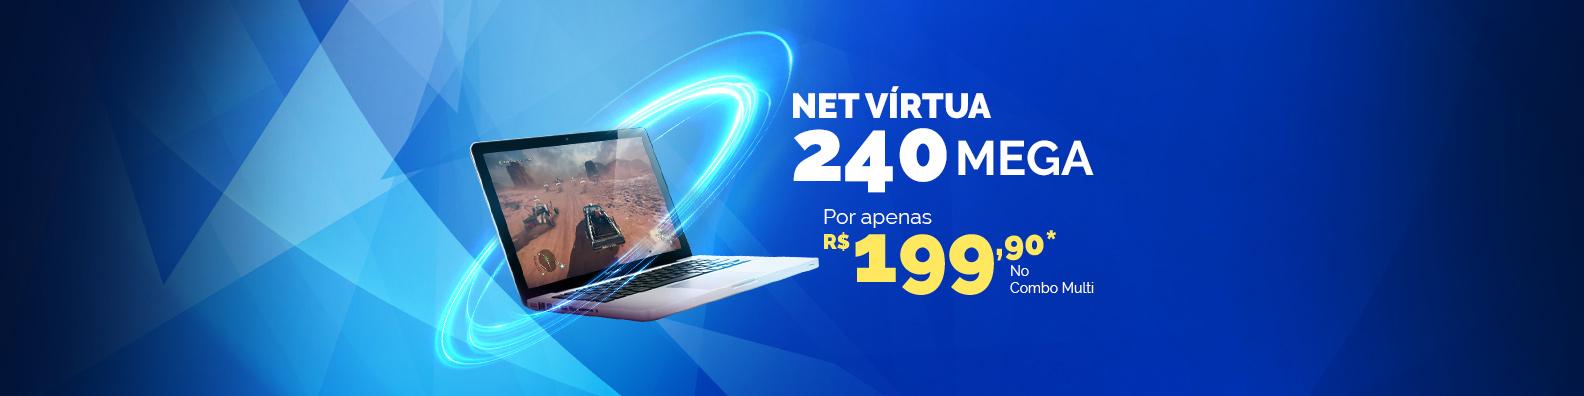 net virtua 15mb e leve mais 35mb pelo mesmo preco por apenas 30 reais no combo